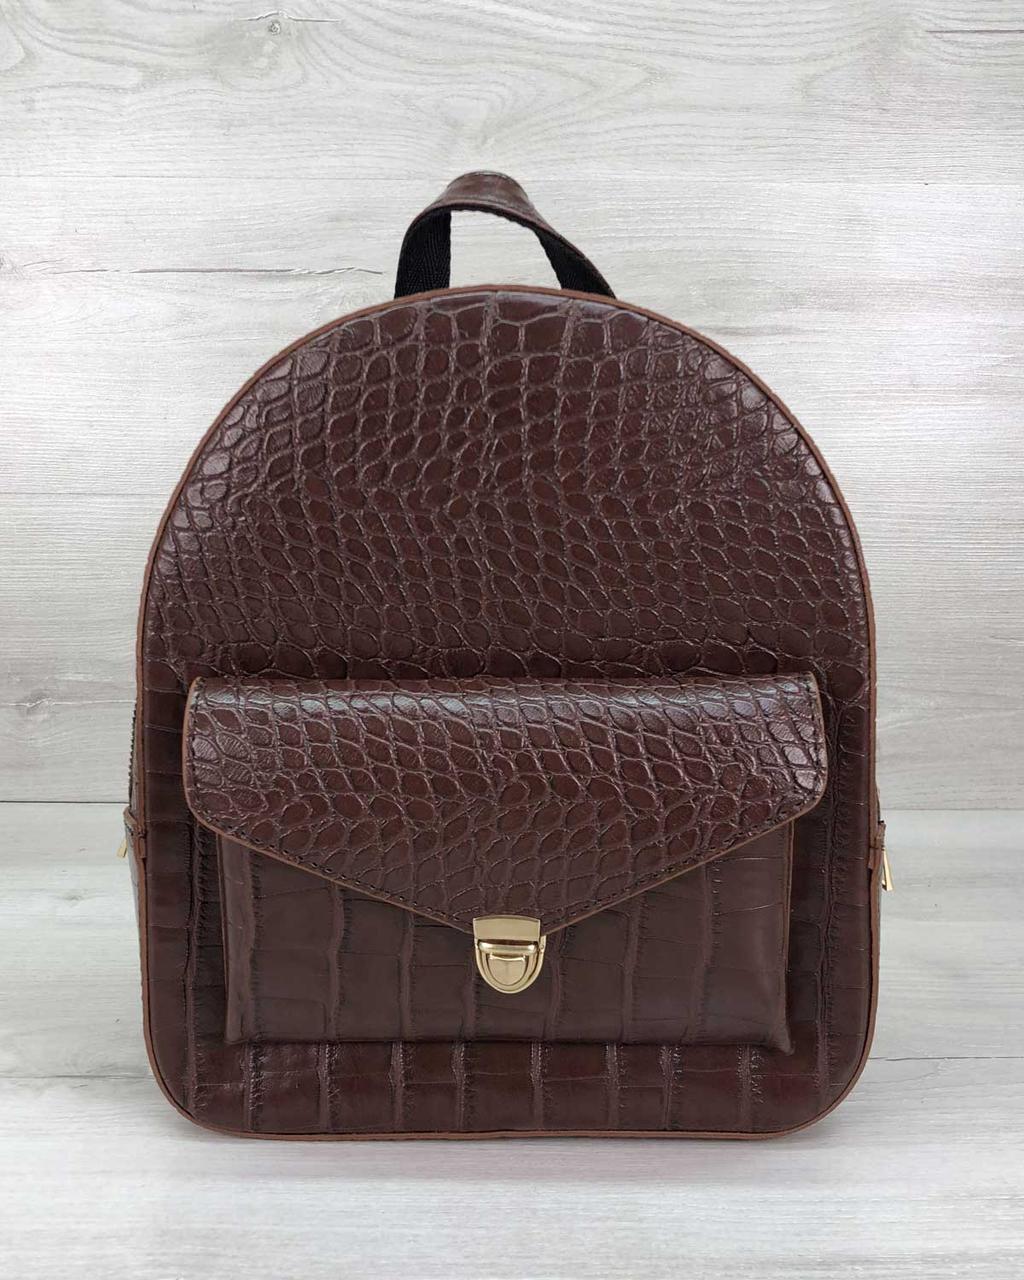 Жіночий міський класичний рюкзак коричневого кольору під крокодила